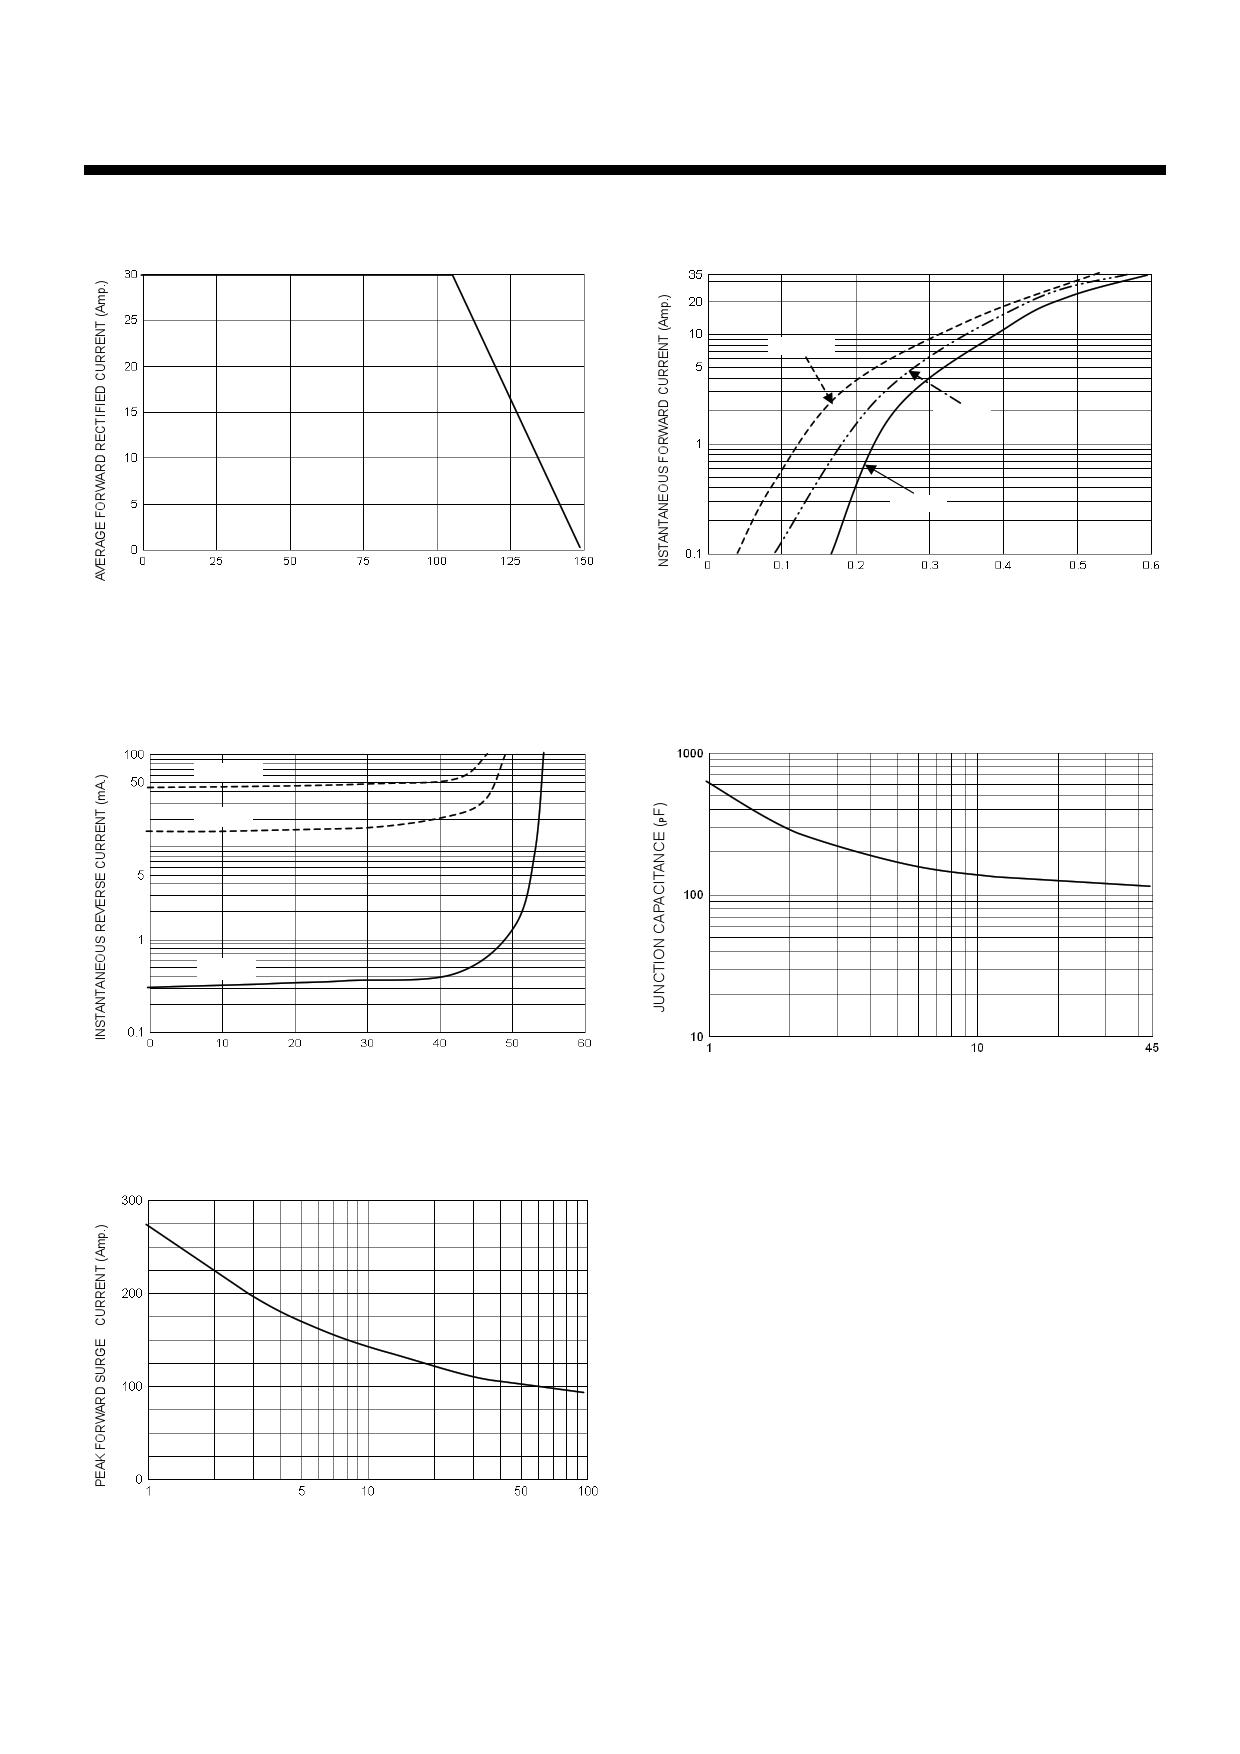 S30D45CL pdf, schematic